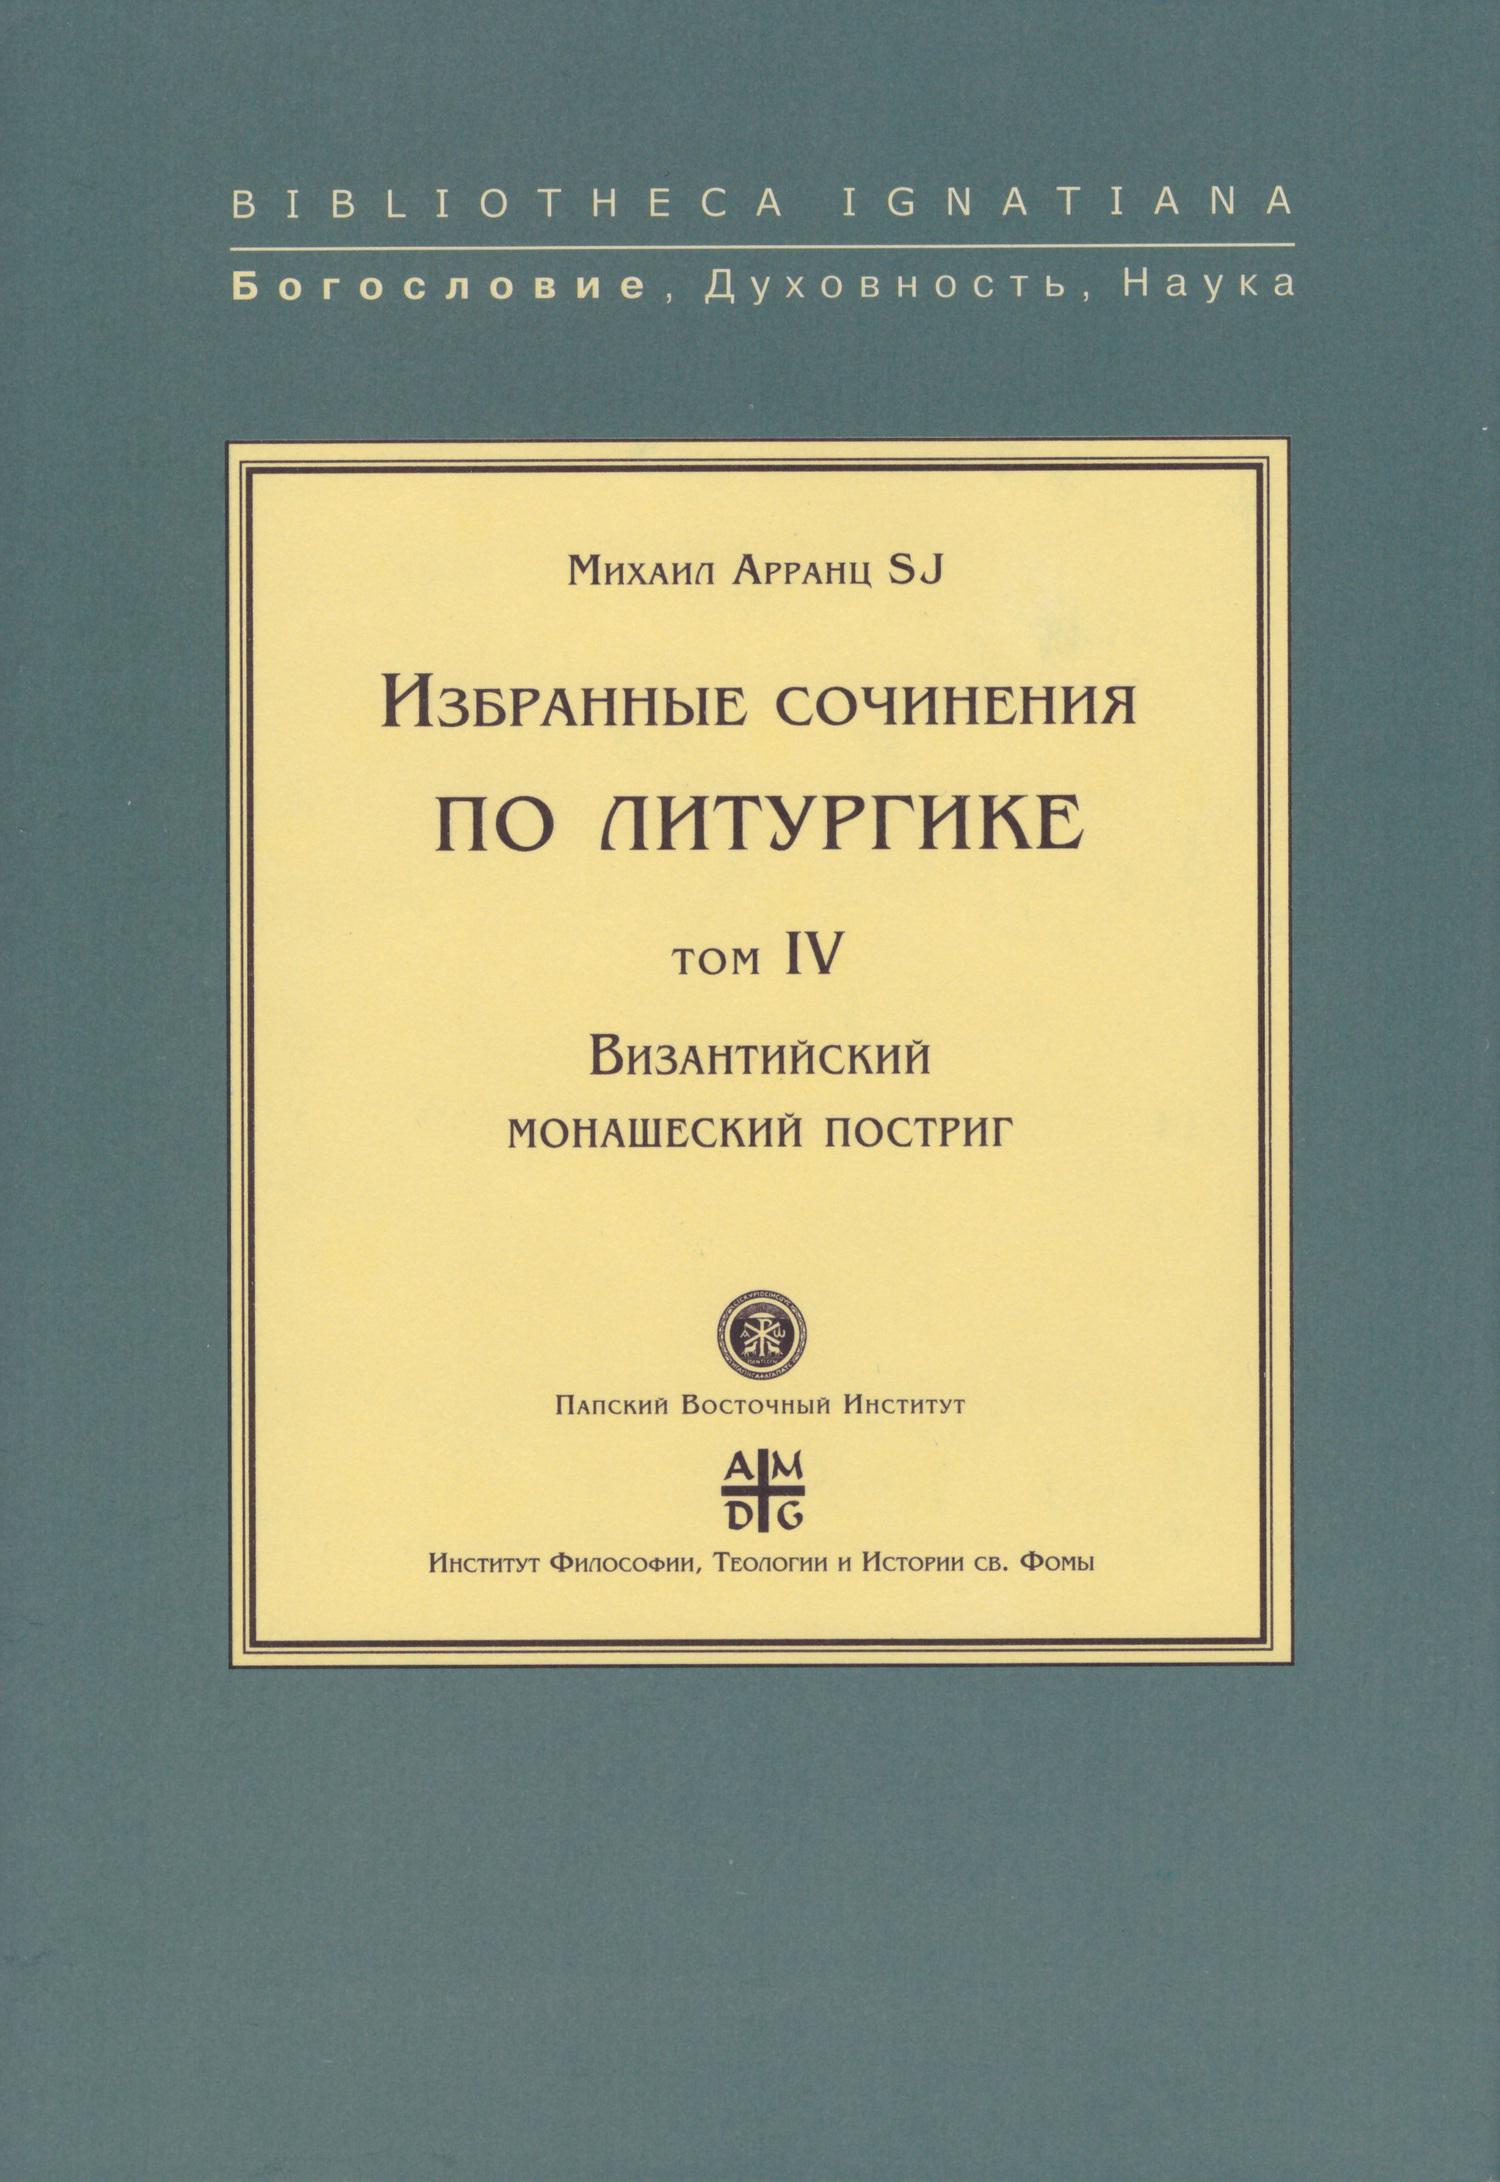 Михаил Арранц, SJ Избранные сочинения по литургике. Том IV. Византийский монашеский постриг